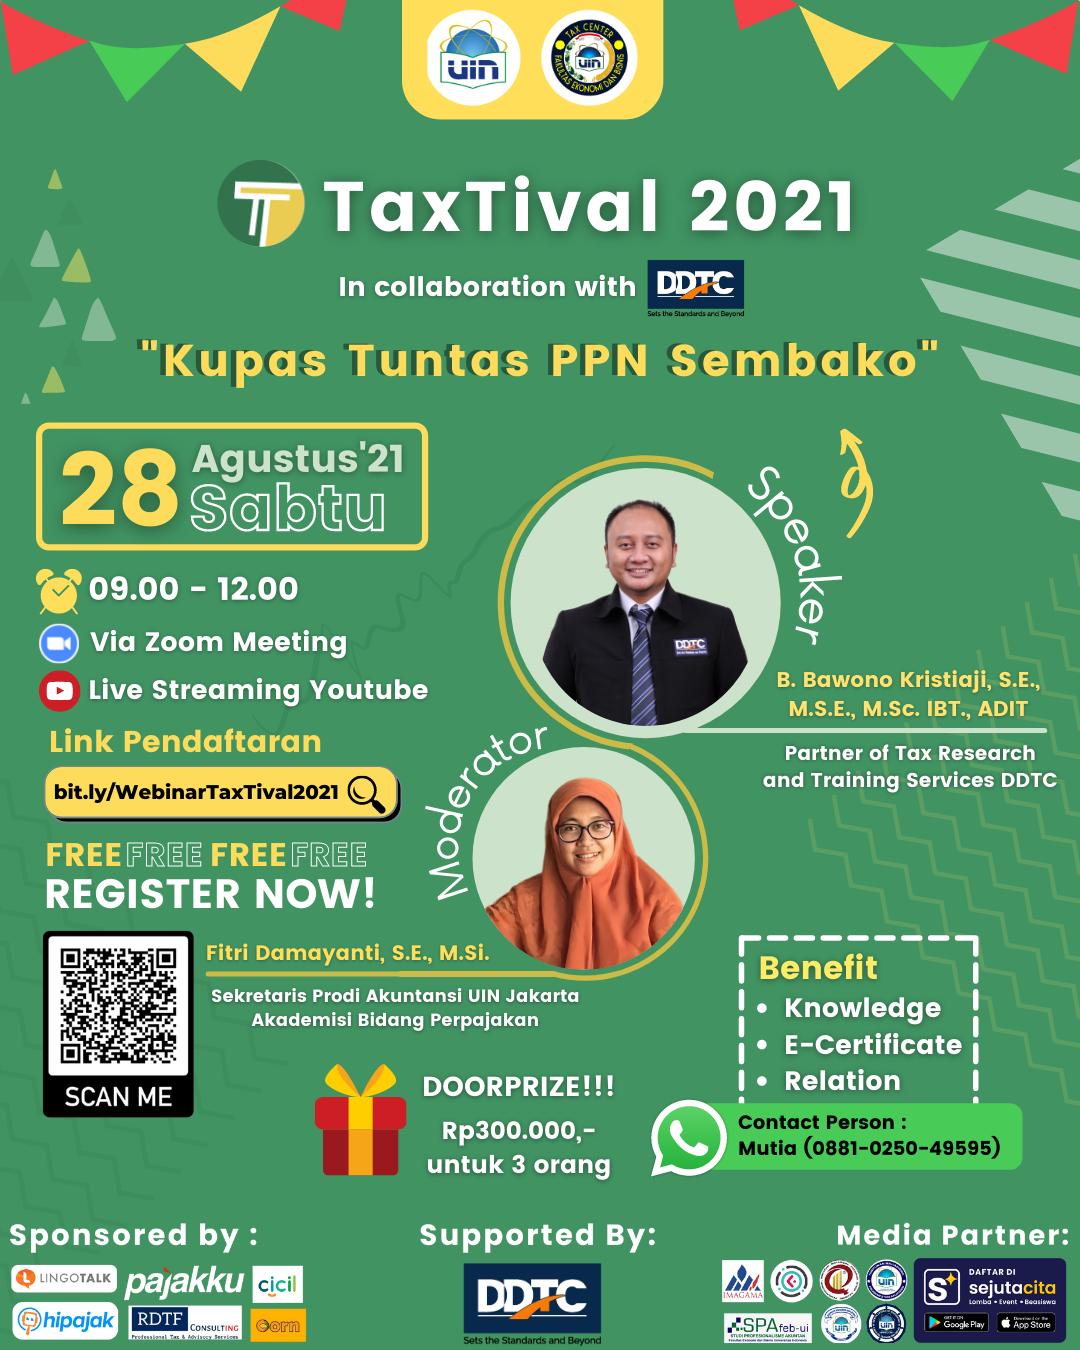 Kupas Tuntas PPN Sembako, Ikuti Webinar Ini Gratis